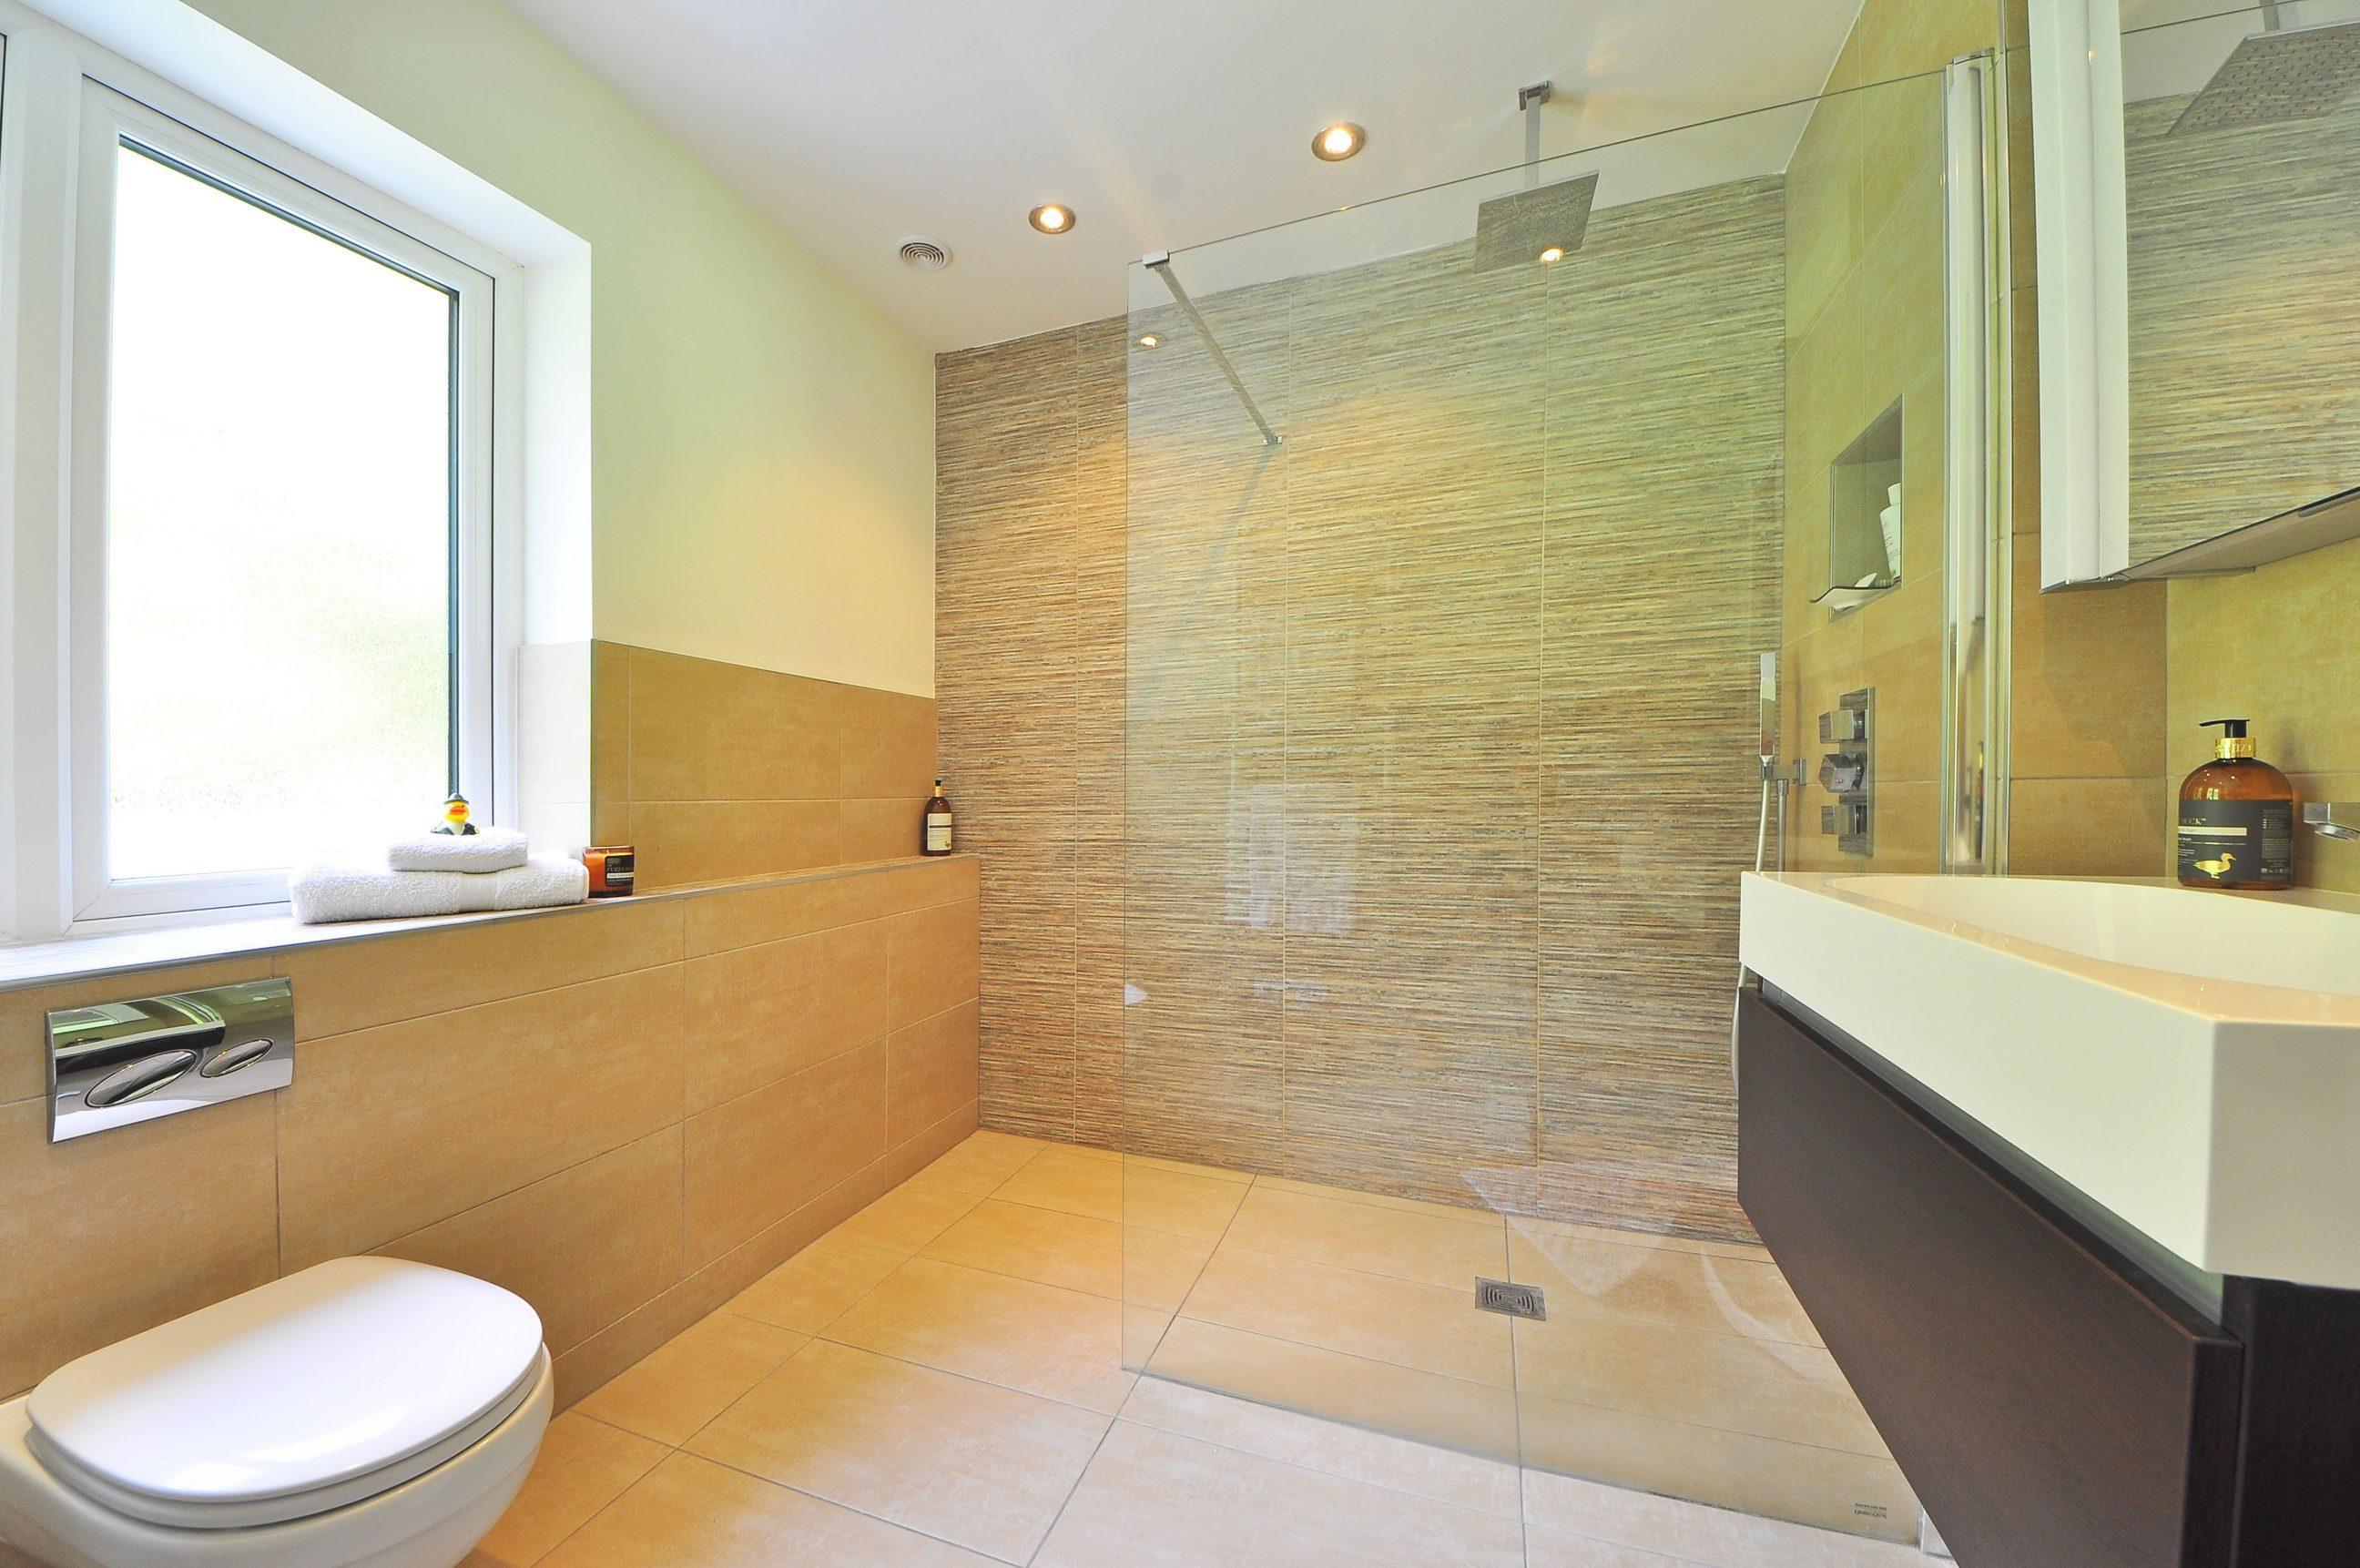 Install Fiberglass Shower Panels On A Wall Diy Home Repair